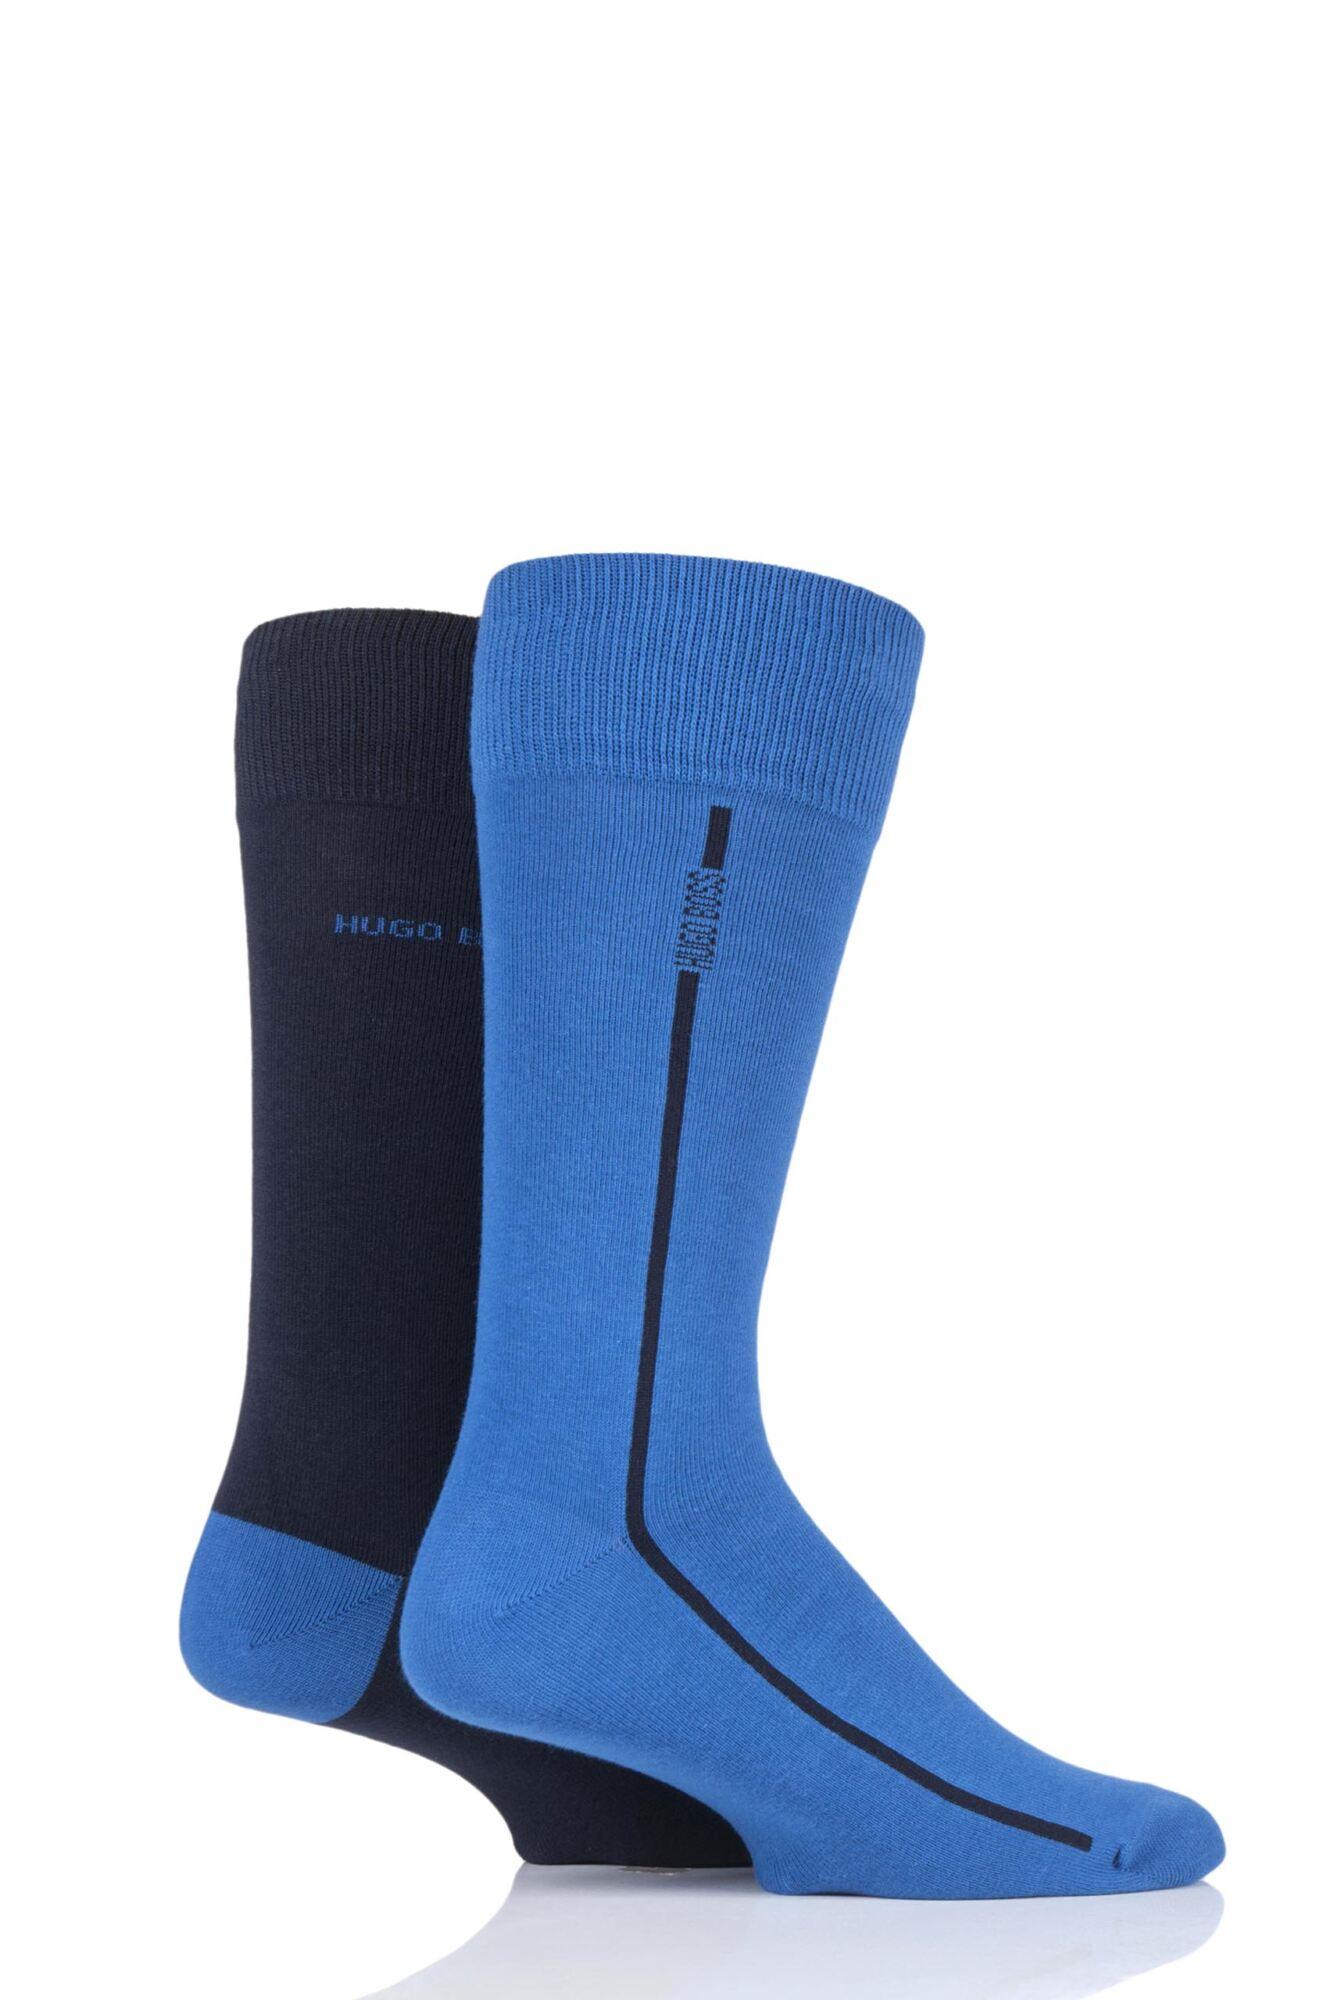 2 Pair Boss Logo Stripe Combed Cotton Socks Men's - Hugo Boss